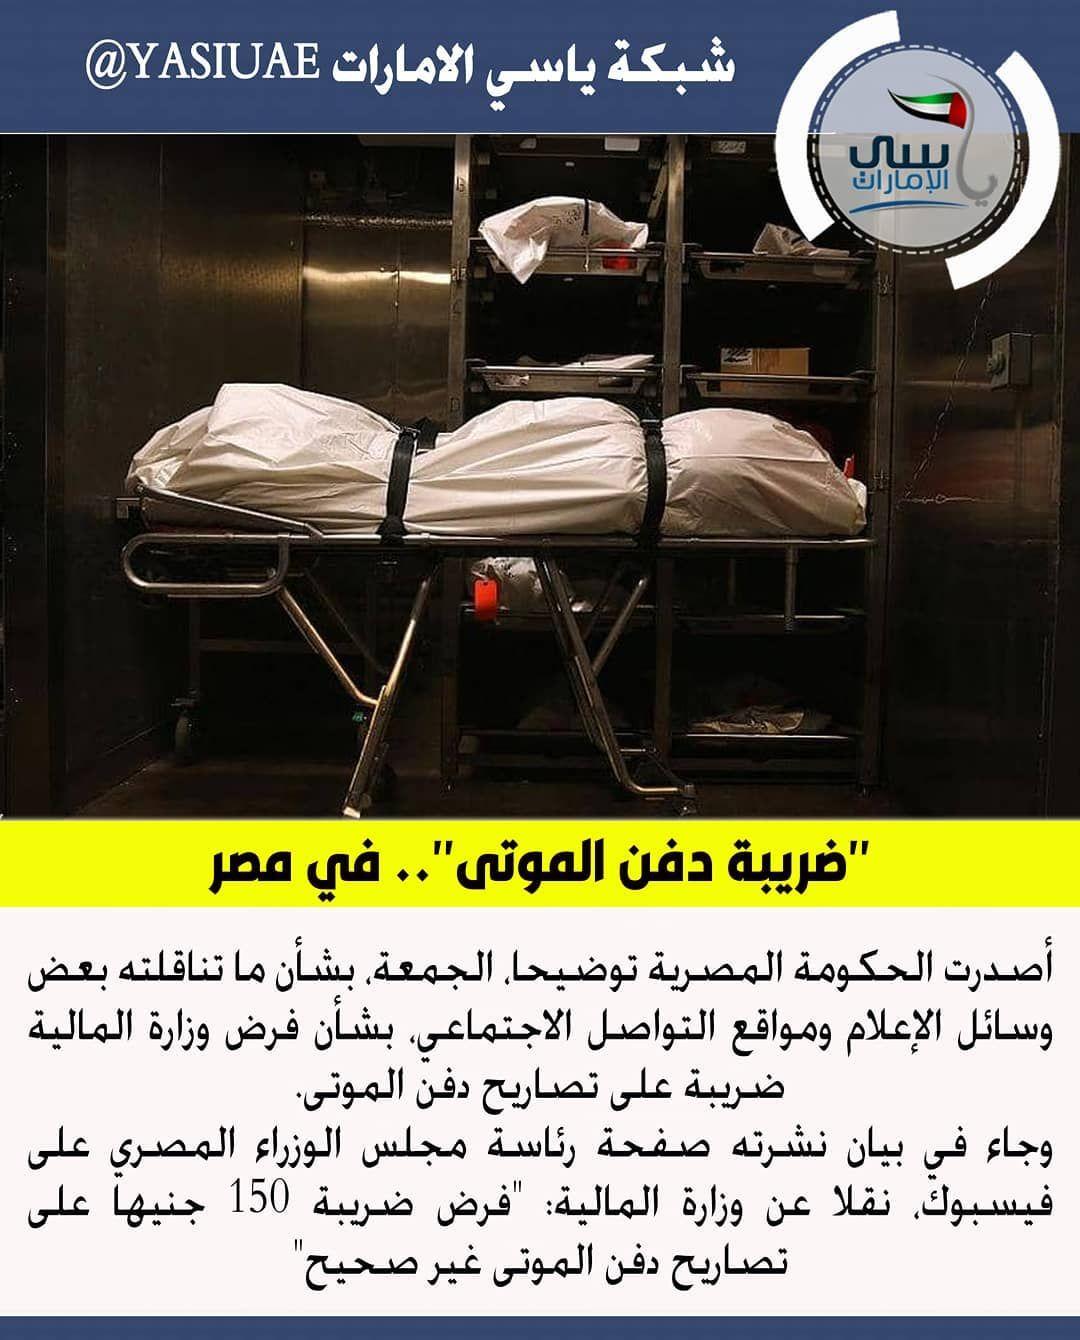 مصر أصدرت الحكومة المصرية توضيحا الجمعة بشأن ما تناقلته بعض وسائل الإعلام ومواقع التواصل الاجتماعي بشأن فرض وزارة المالية ض Wrestling Wrestling Ring Sports